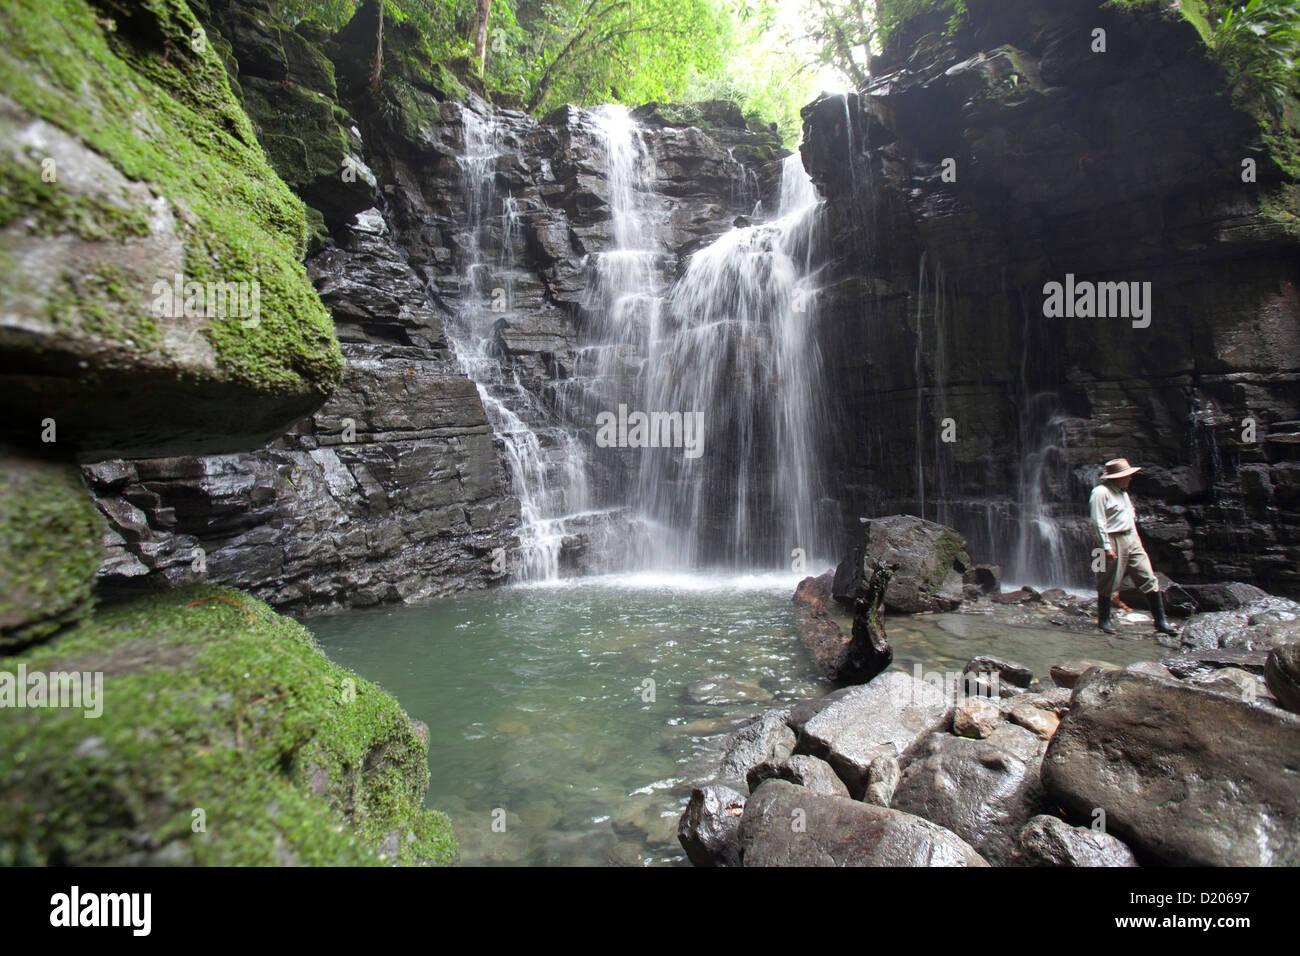 Cascades d'eau, Cascada de Latas, Amazone, Equateur, Amérique du Sud Banque D'Images